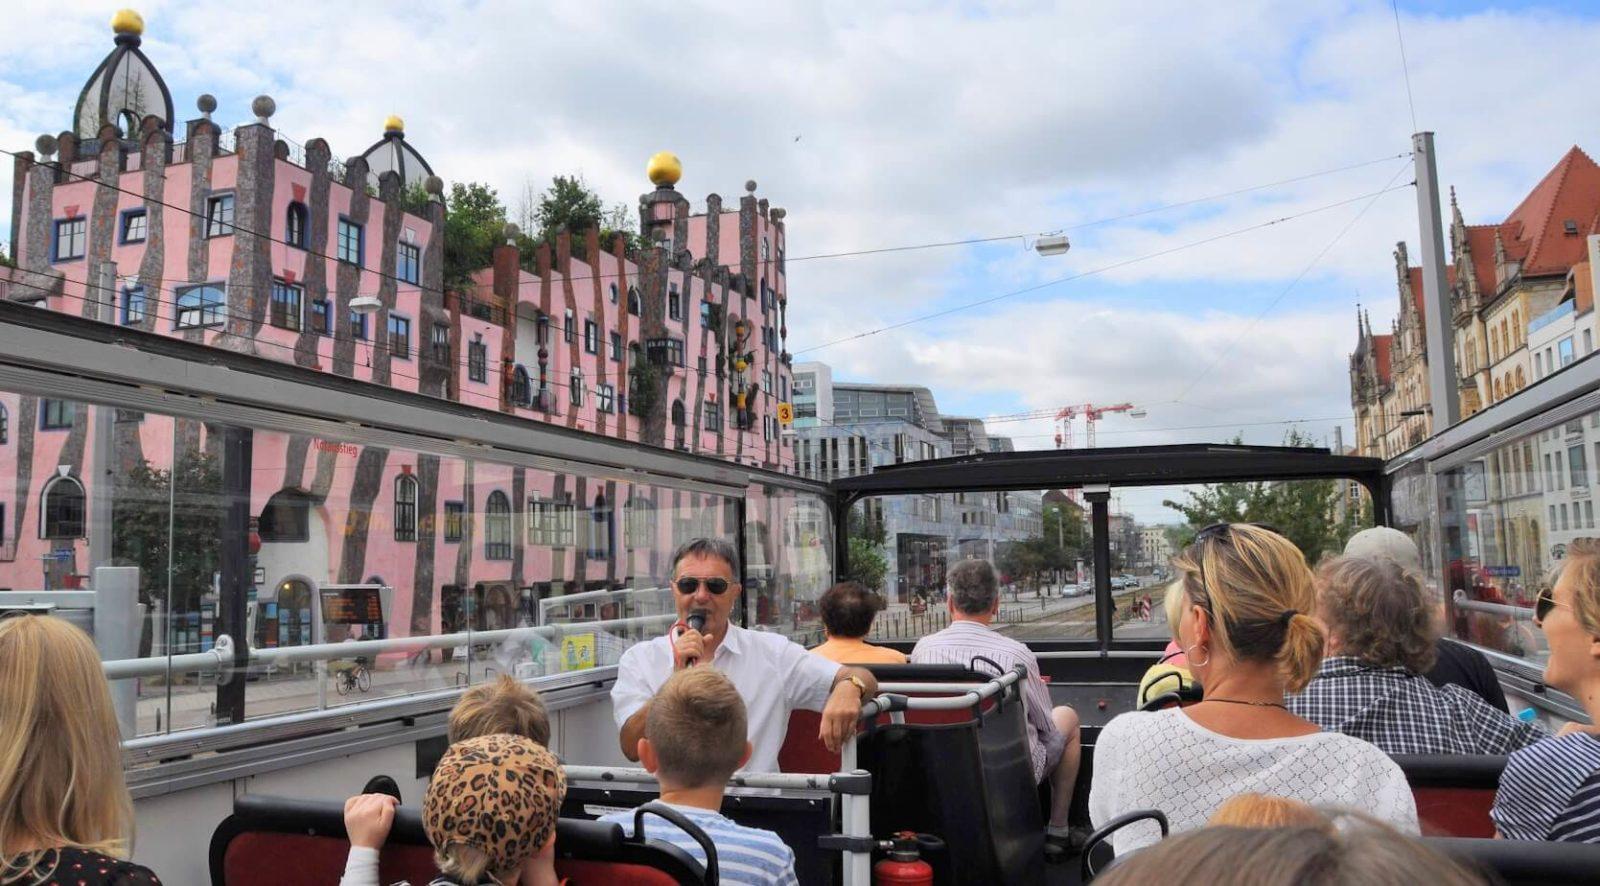 Unsere Stadtrundfahrt durch Magdeburg klang ungefähr so ... macht das nicht Lust?